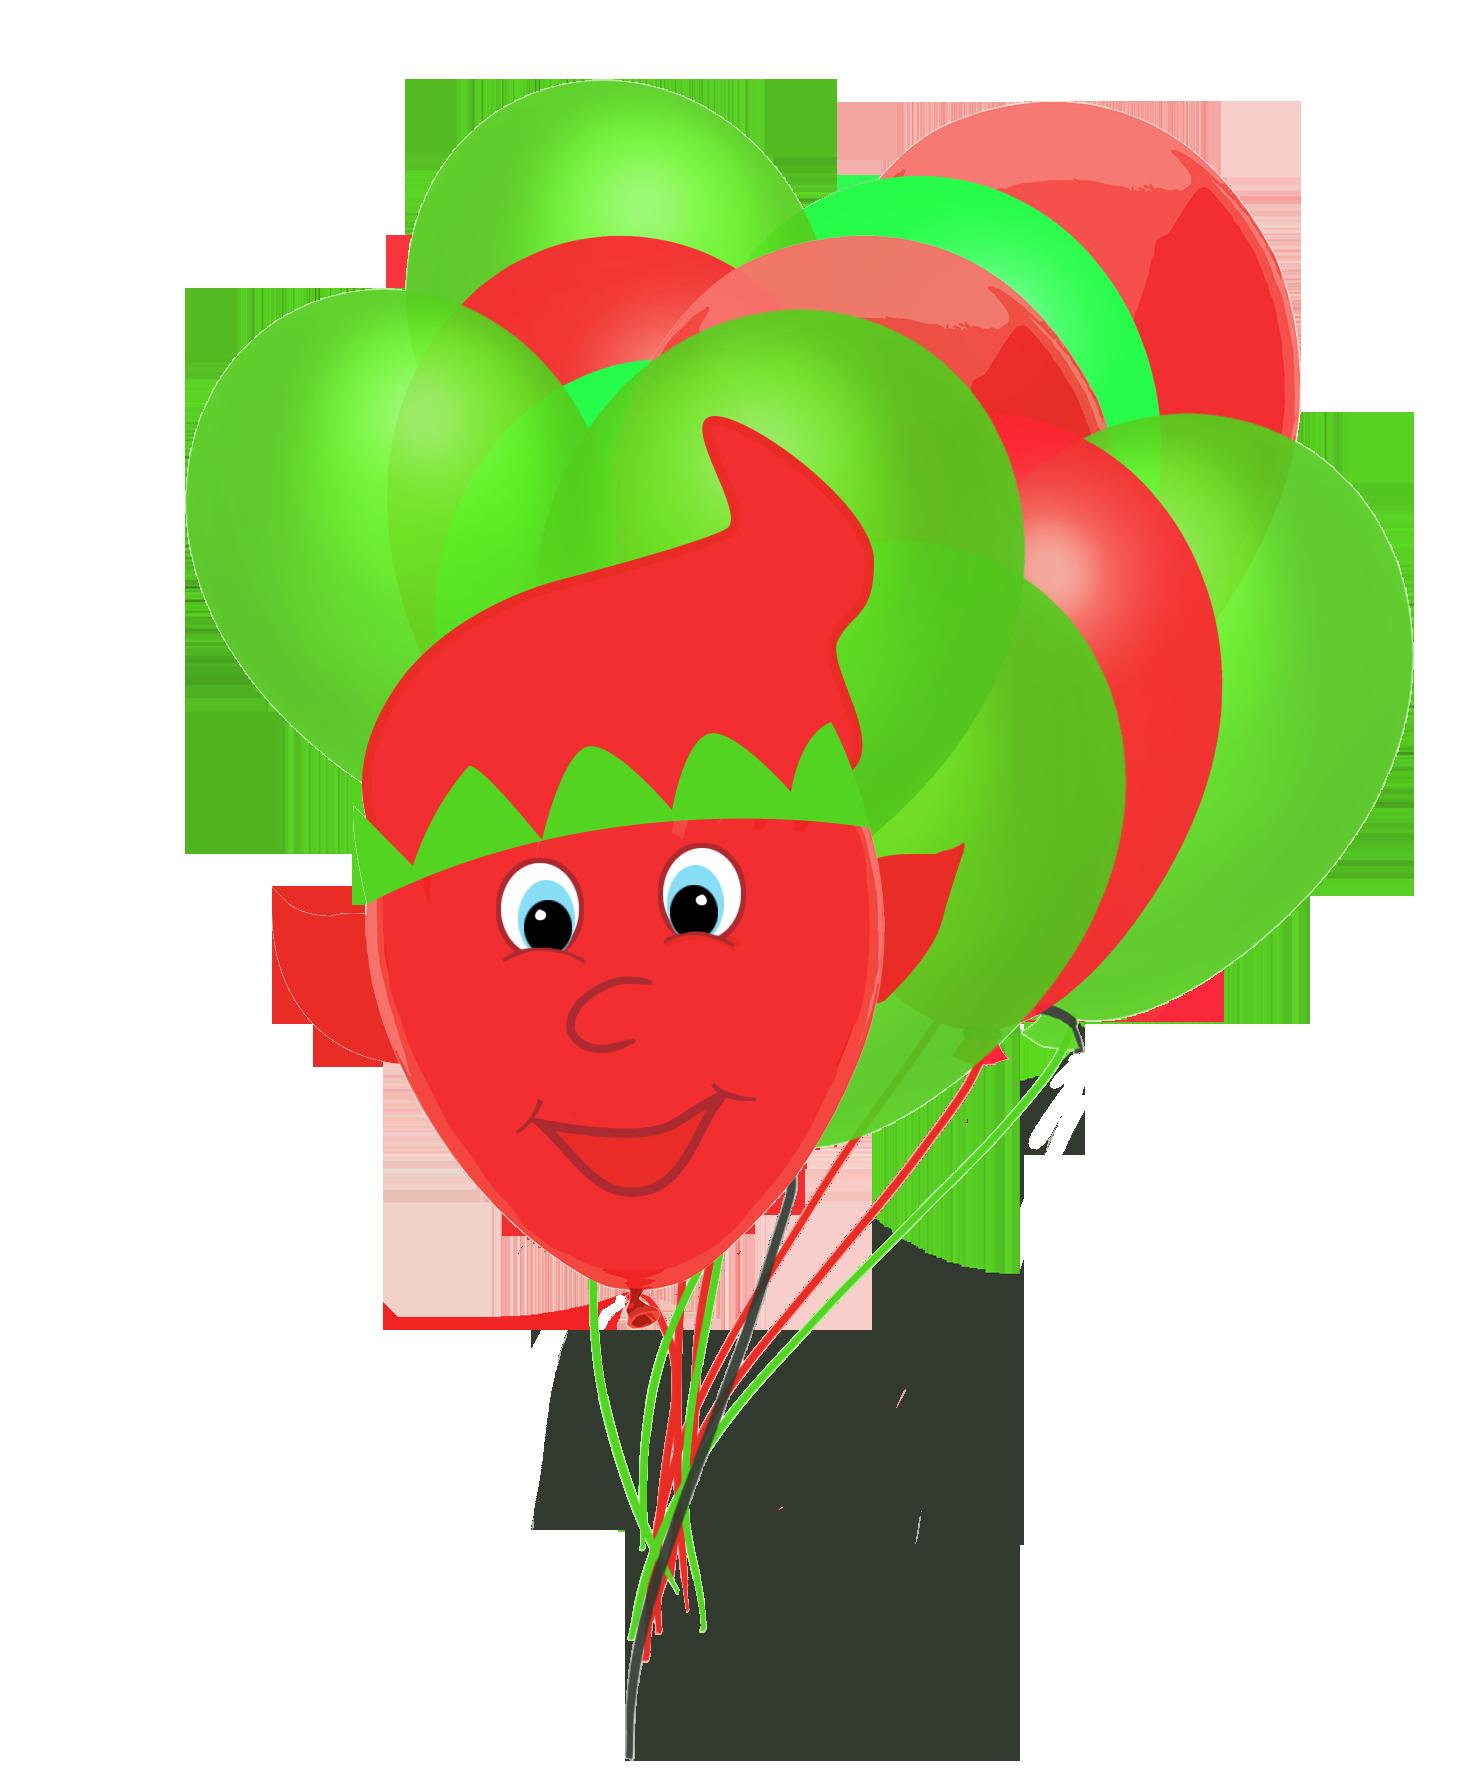 elf balloon and Christmas balloons